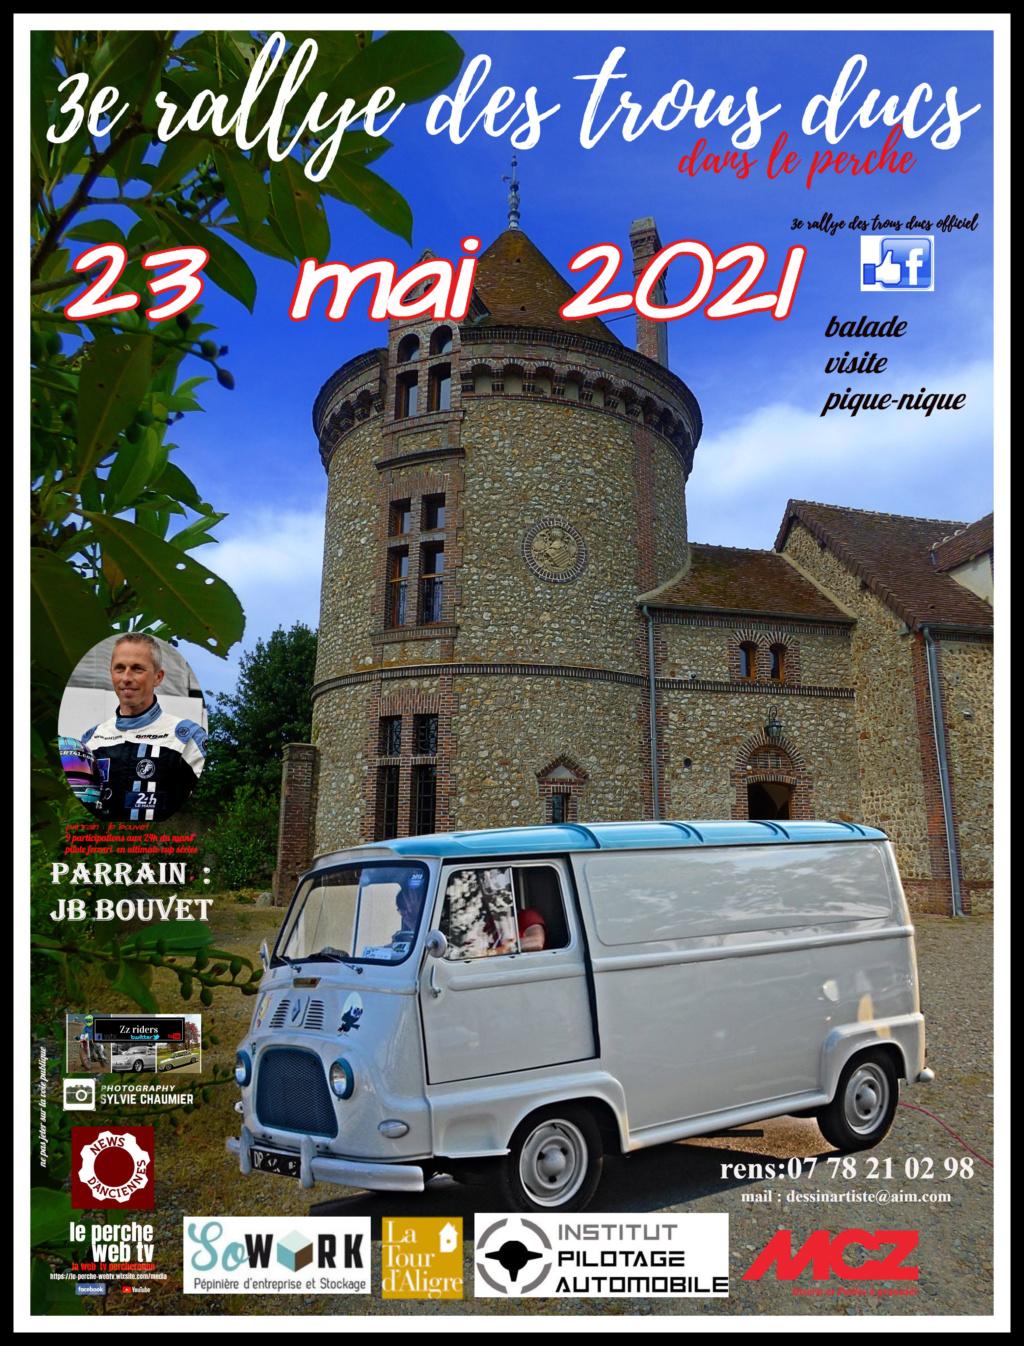 3e Rallye des Trous Ducs dans le Perche   23  mai  2021   Affich11